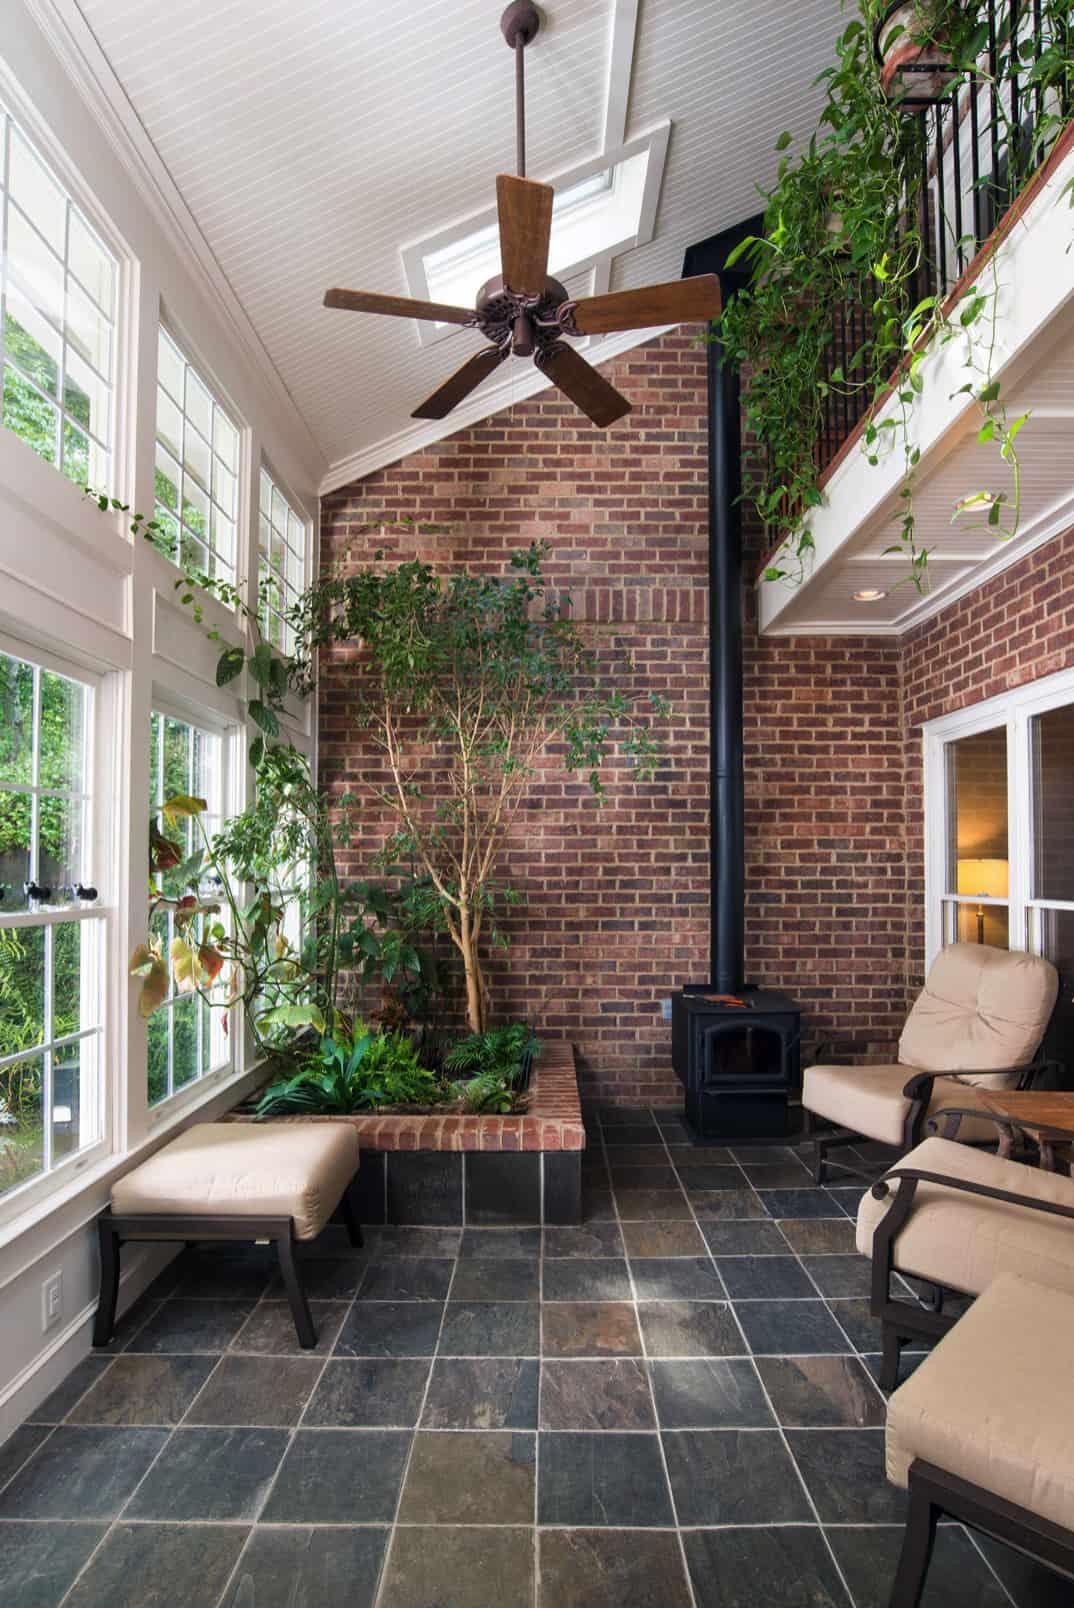 solarium-design-ideas-back-porch